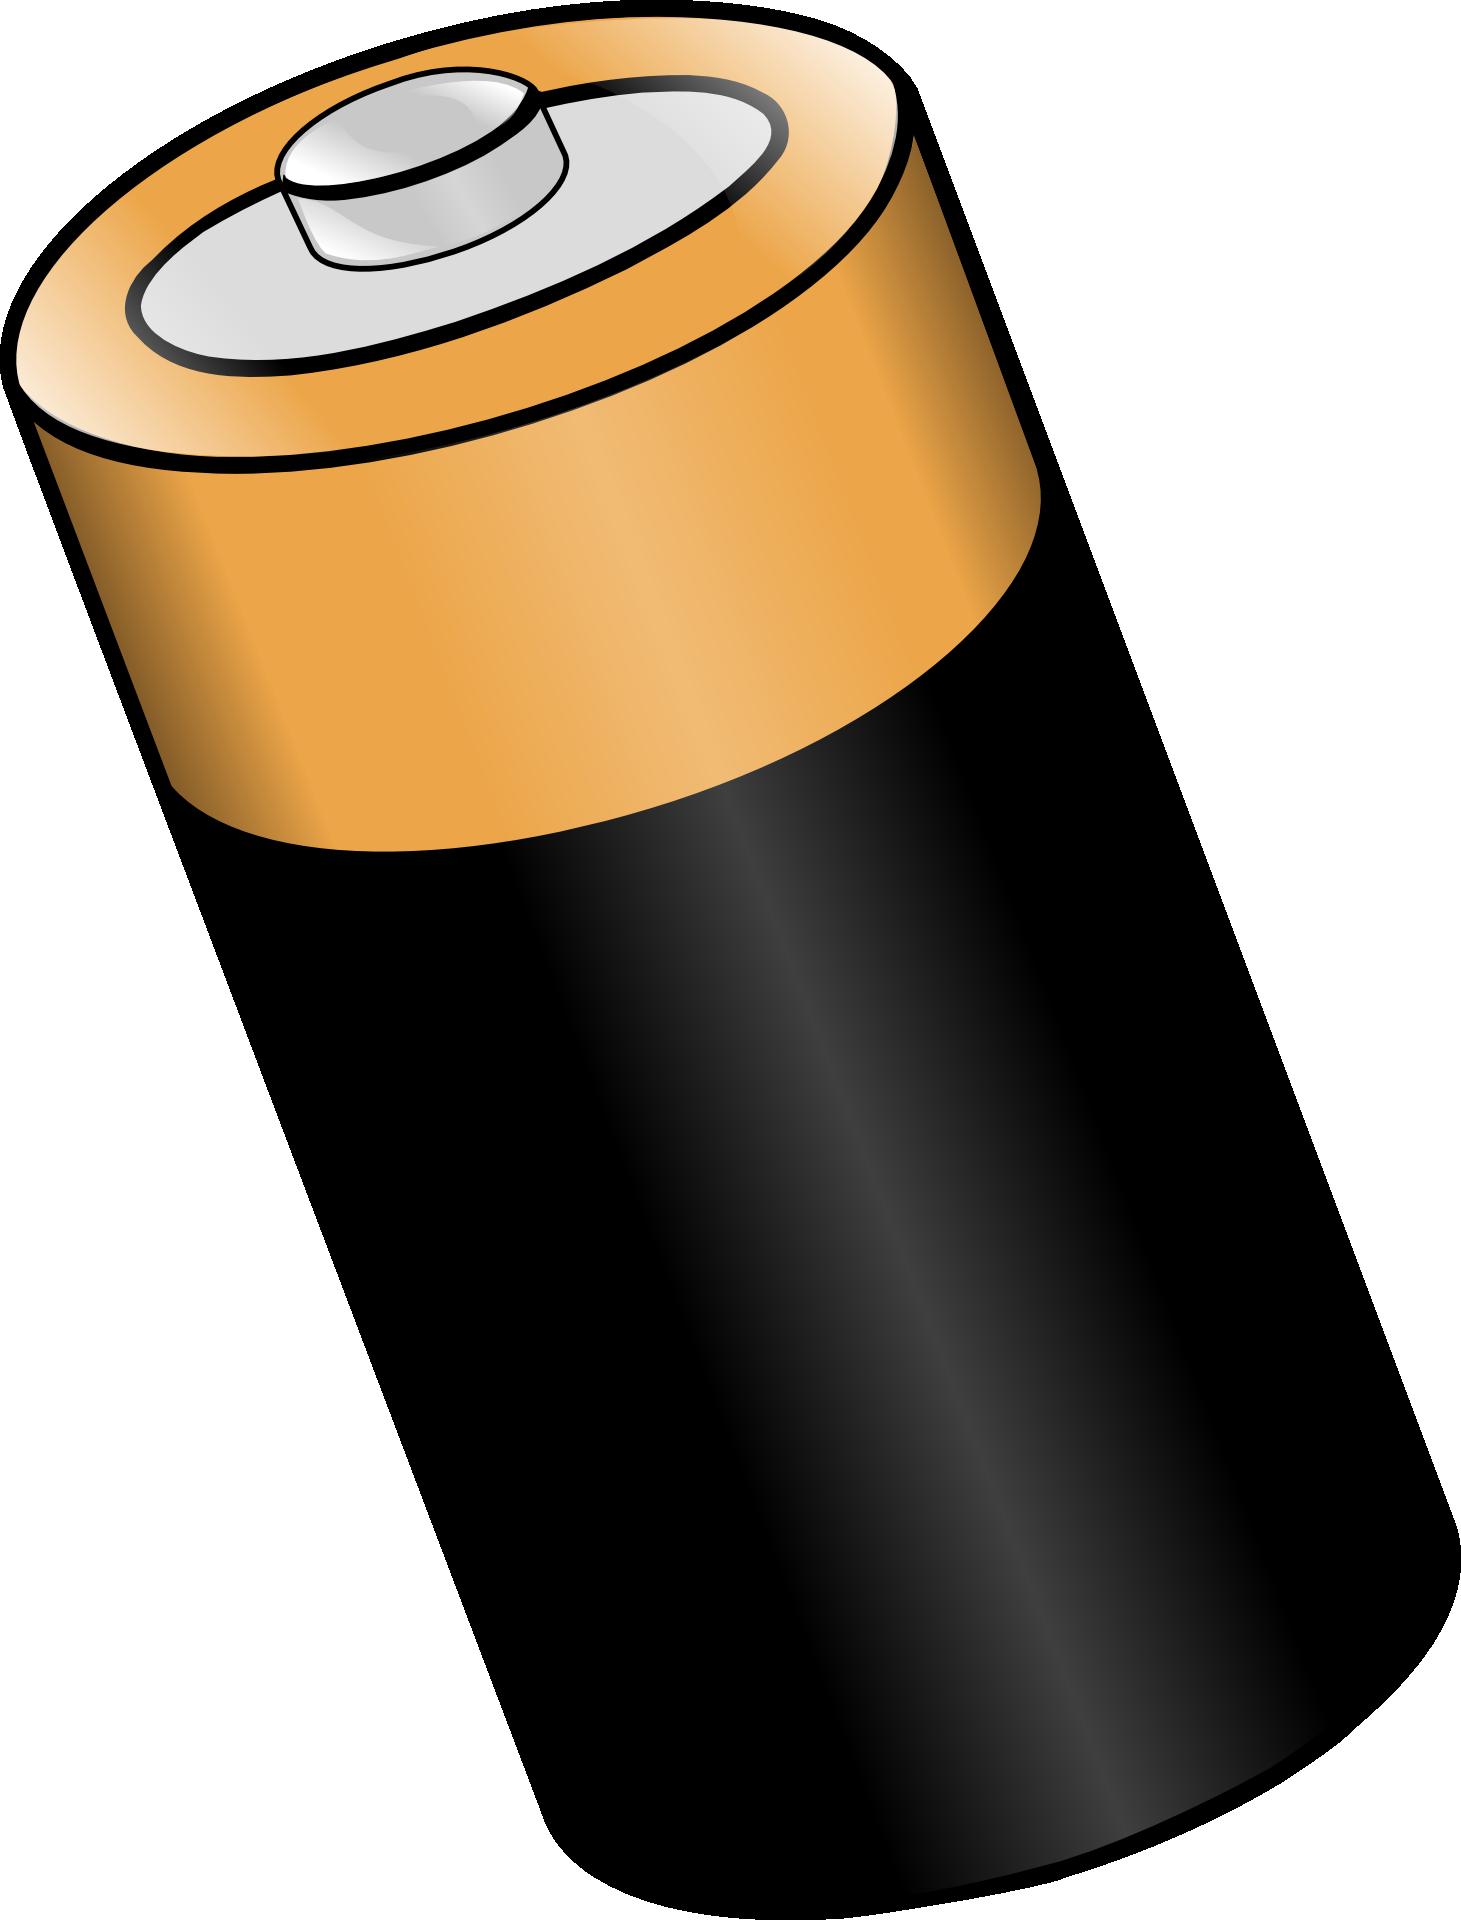 pile batterie clipart image gratuite.